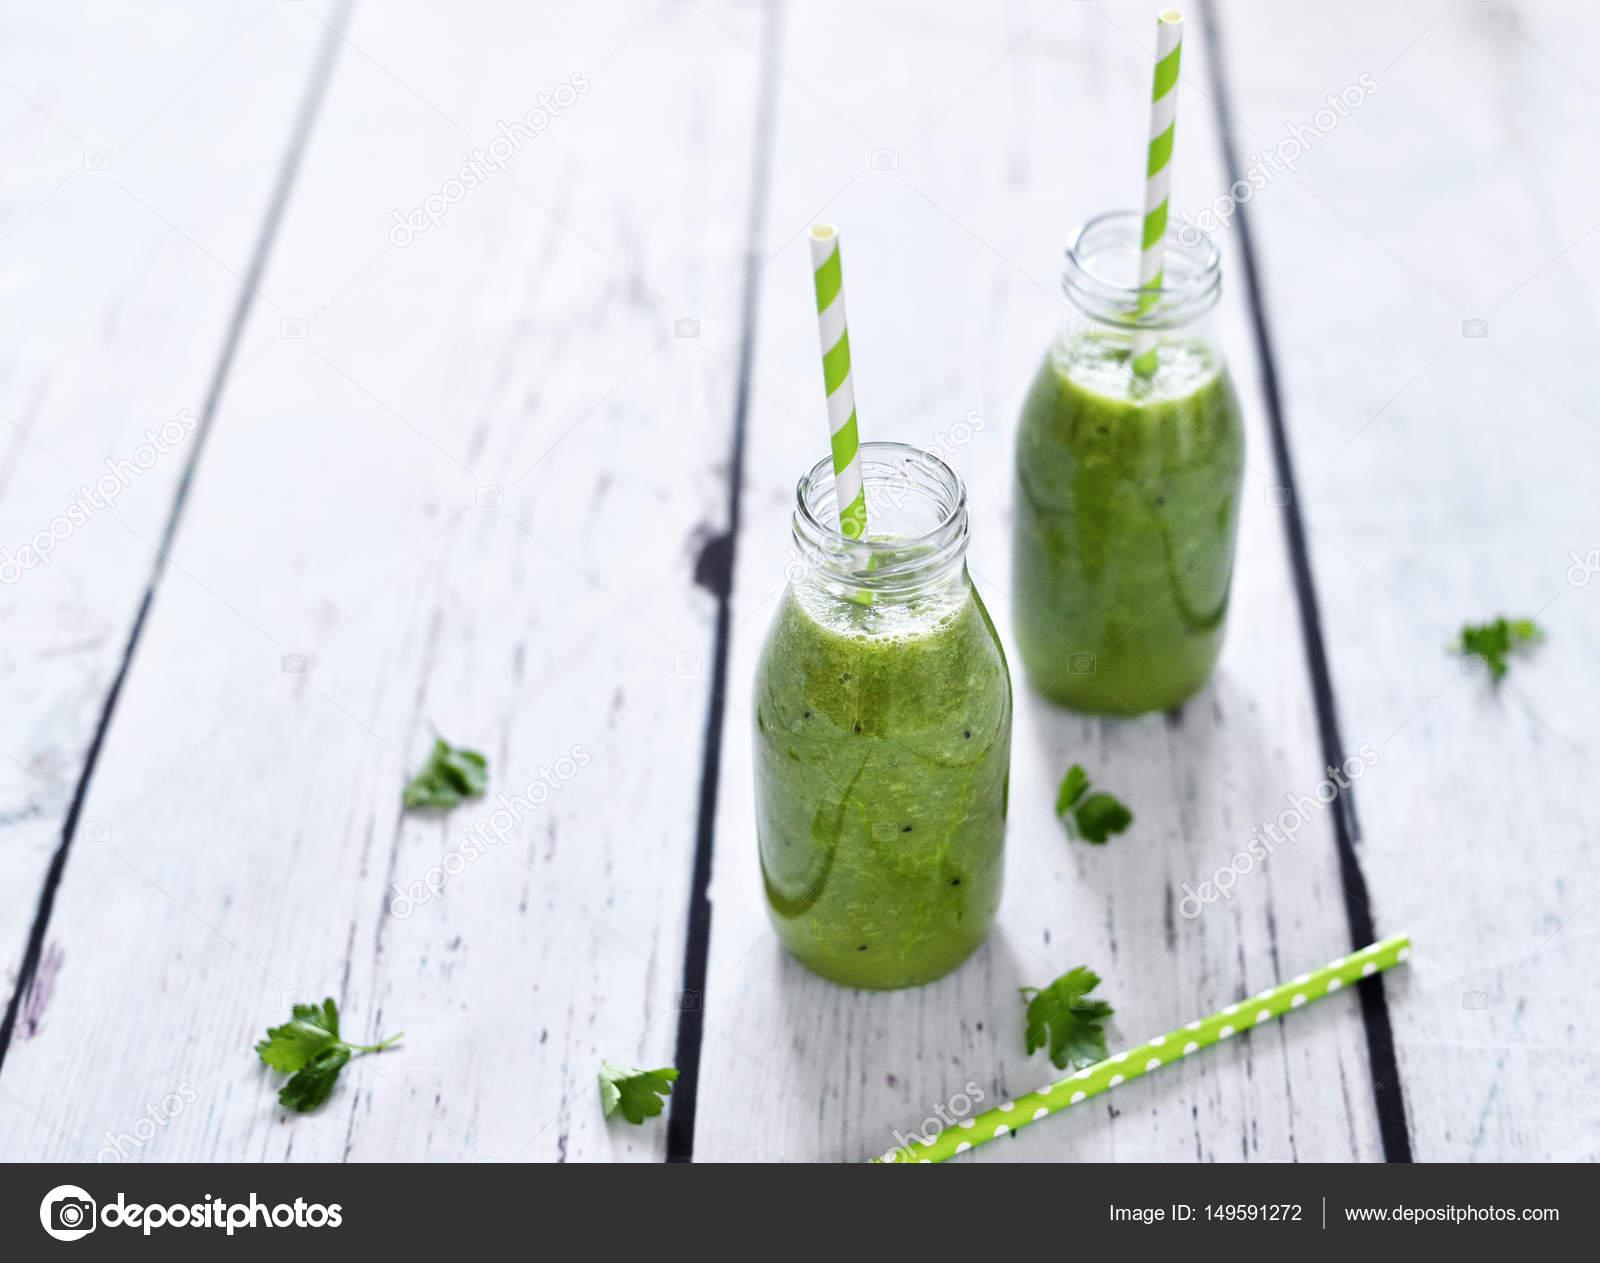 Grüner Smoothie, gesund, Bio-Getränke — Stockfoto © Eivaisla #149591272